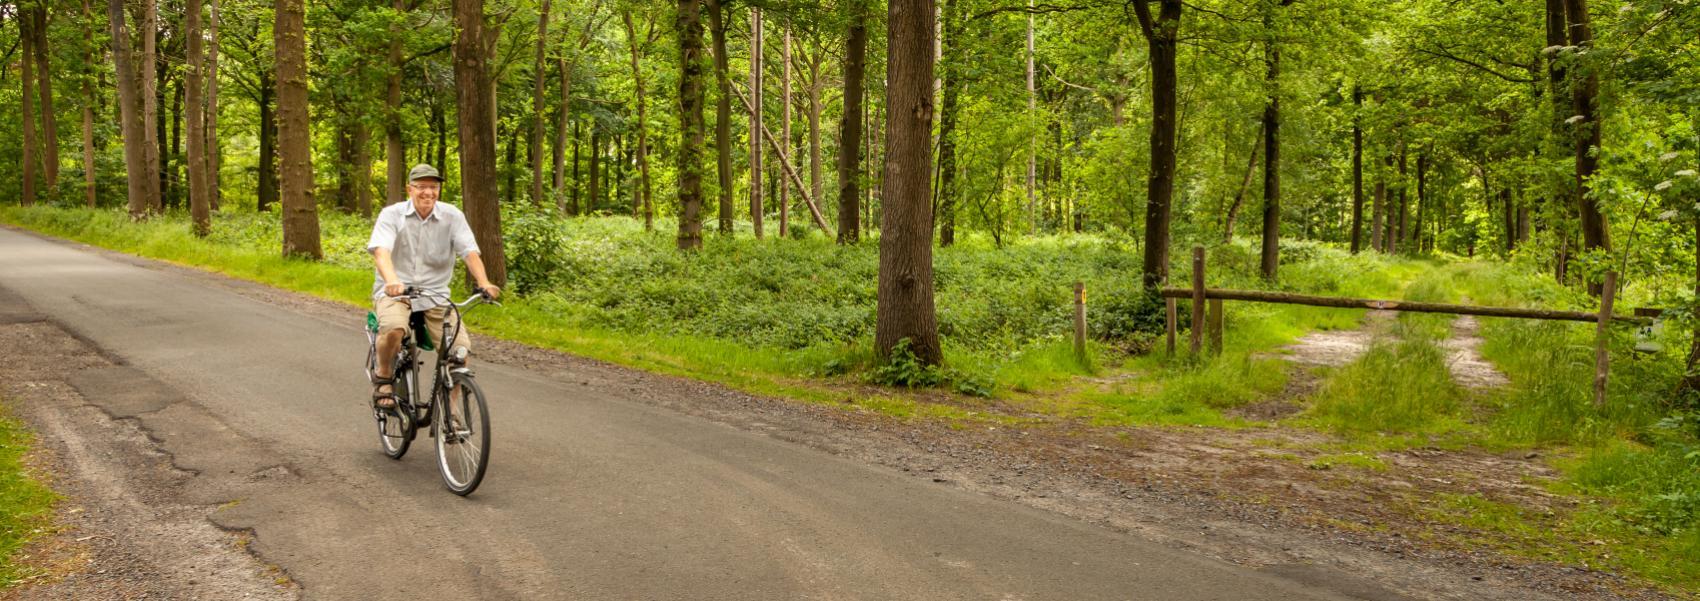 een fietser op de weg die door het bos loopt